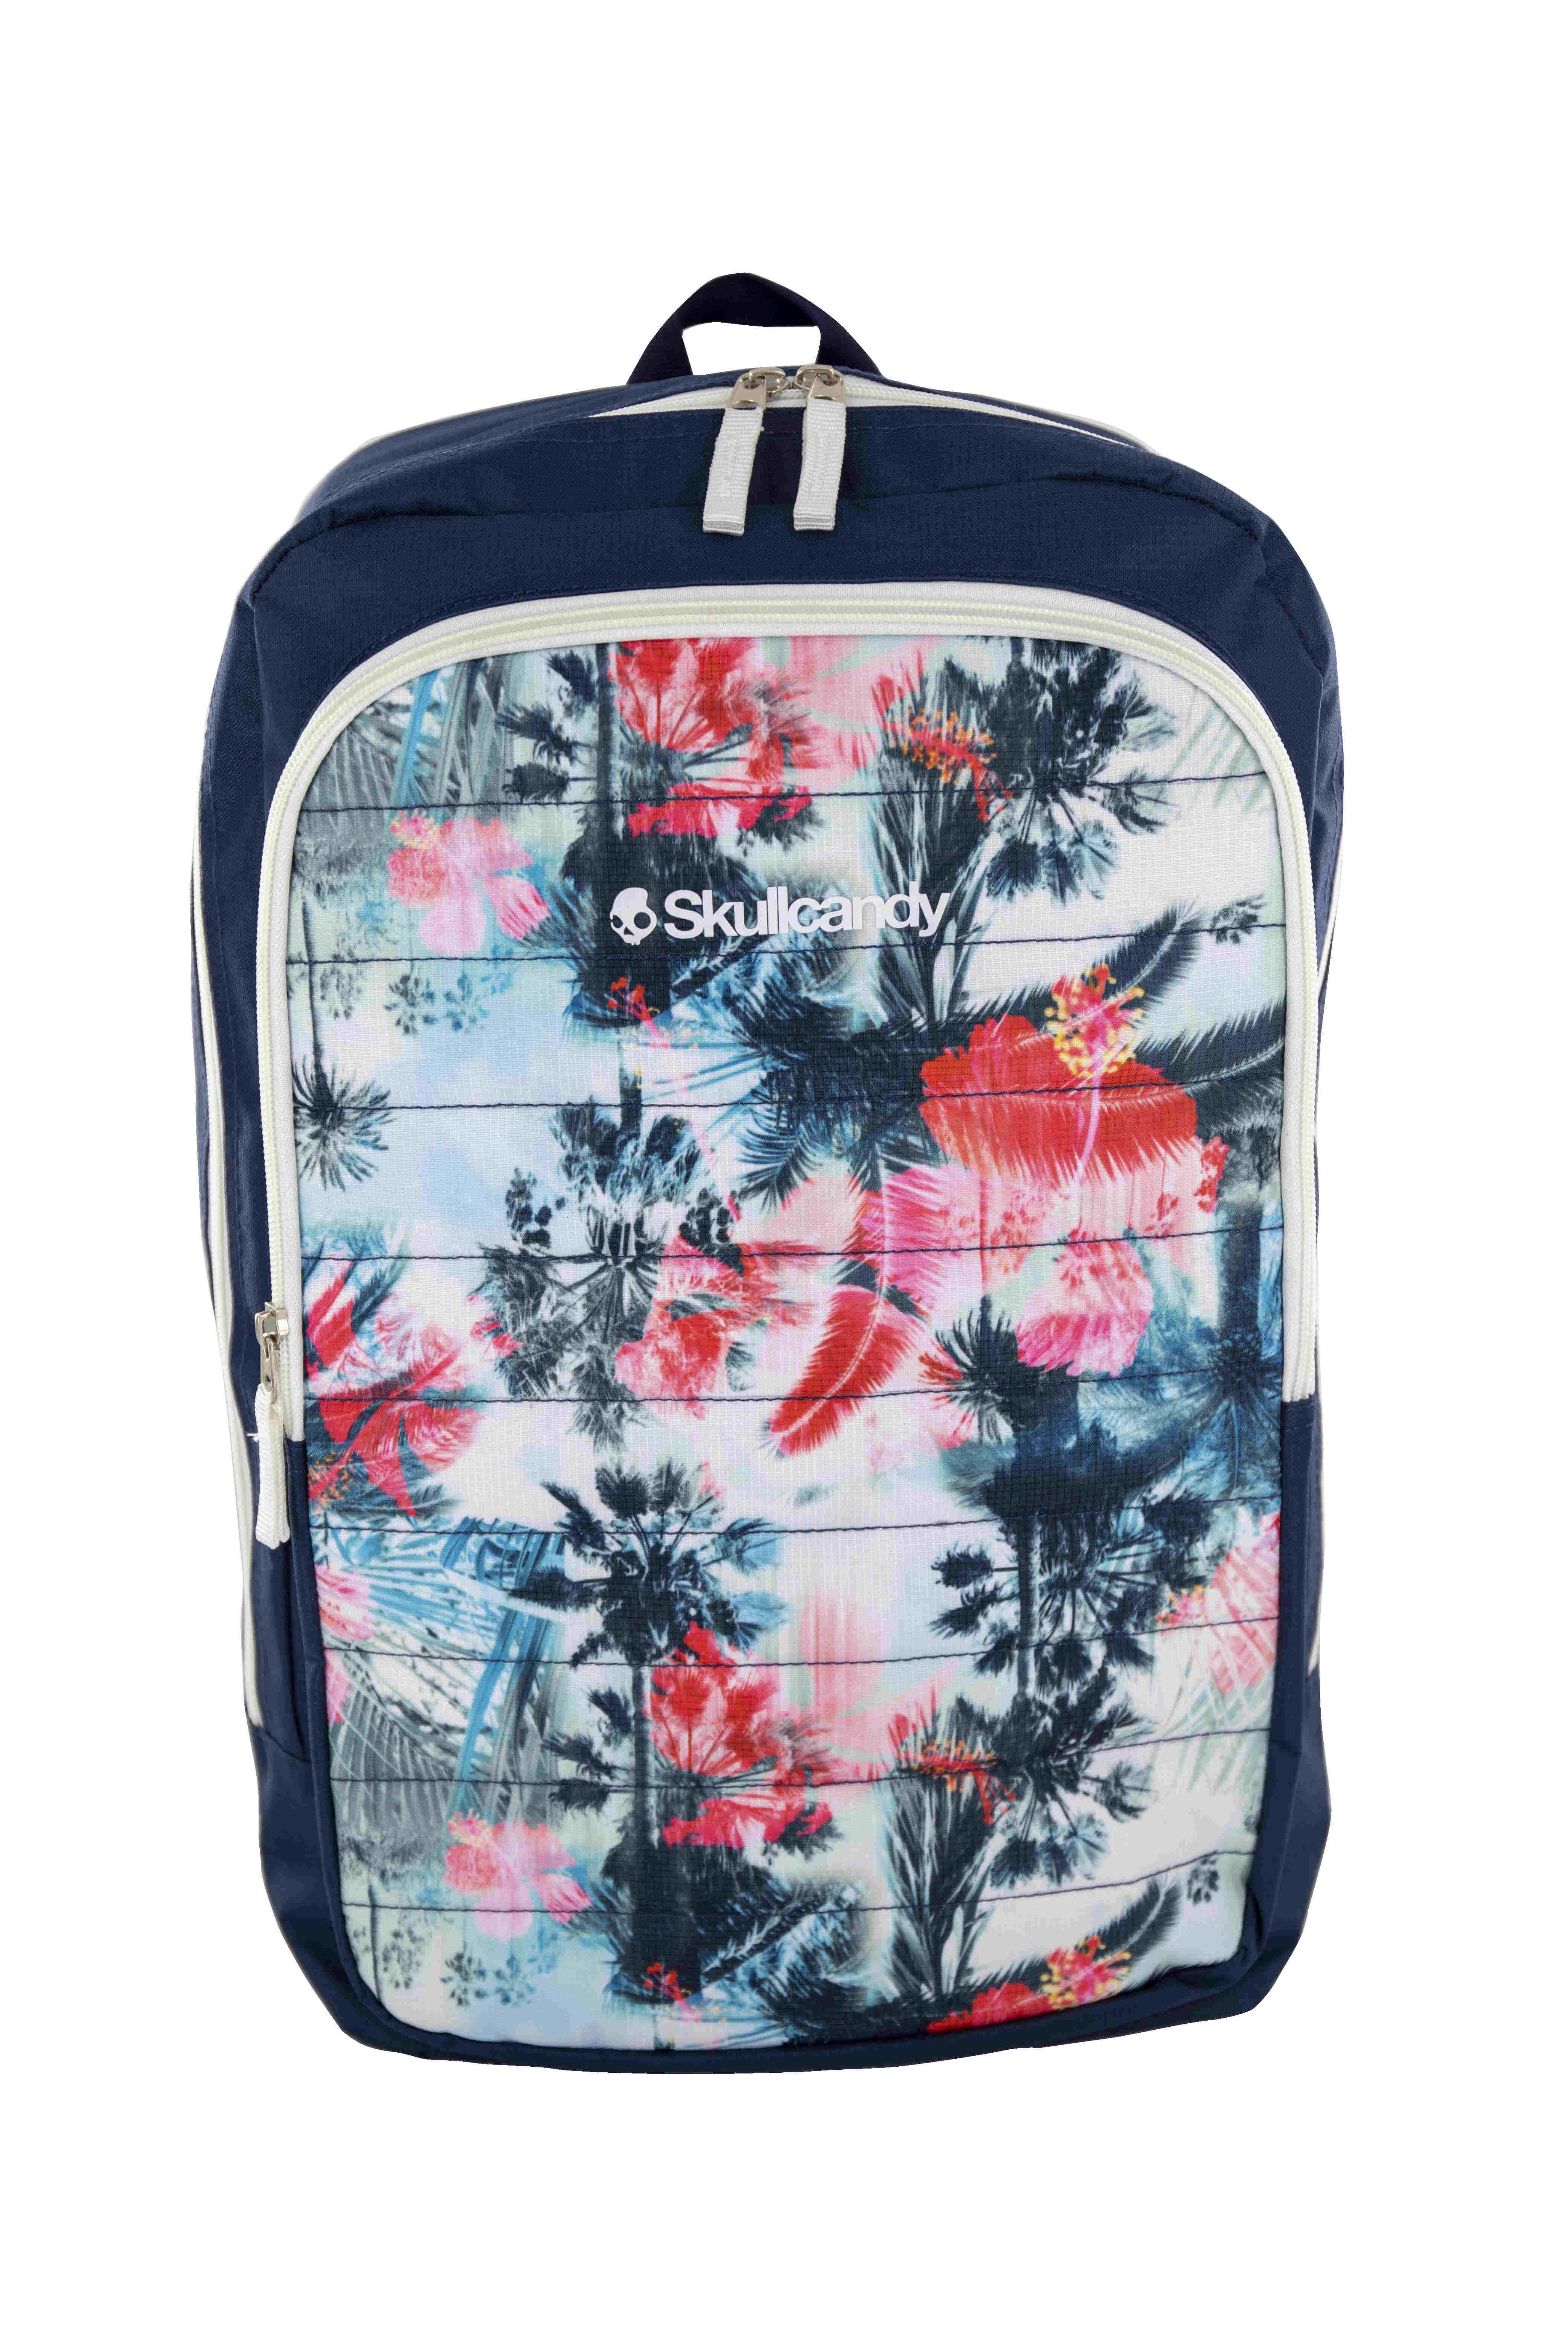 Skullcandy Square Backpack - Floral